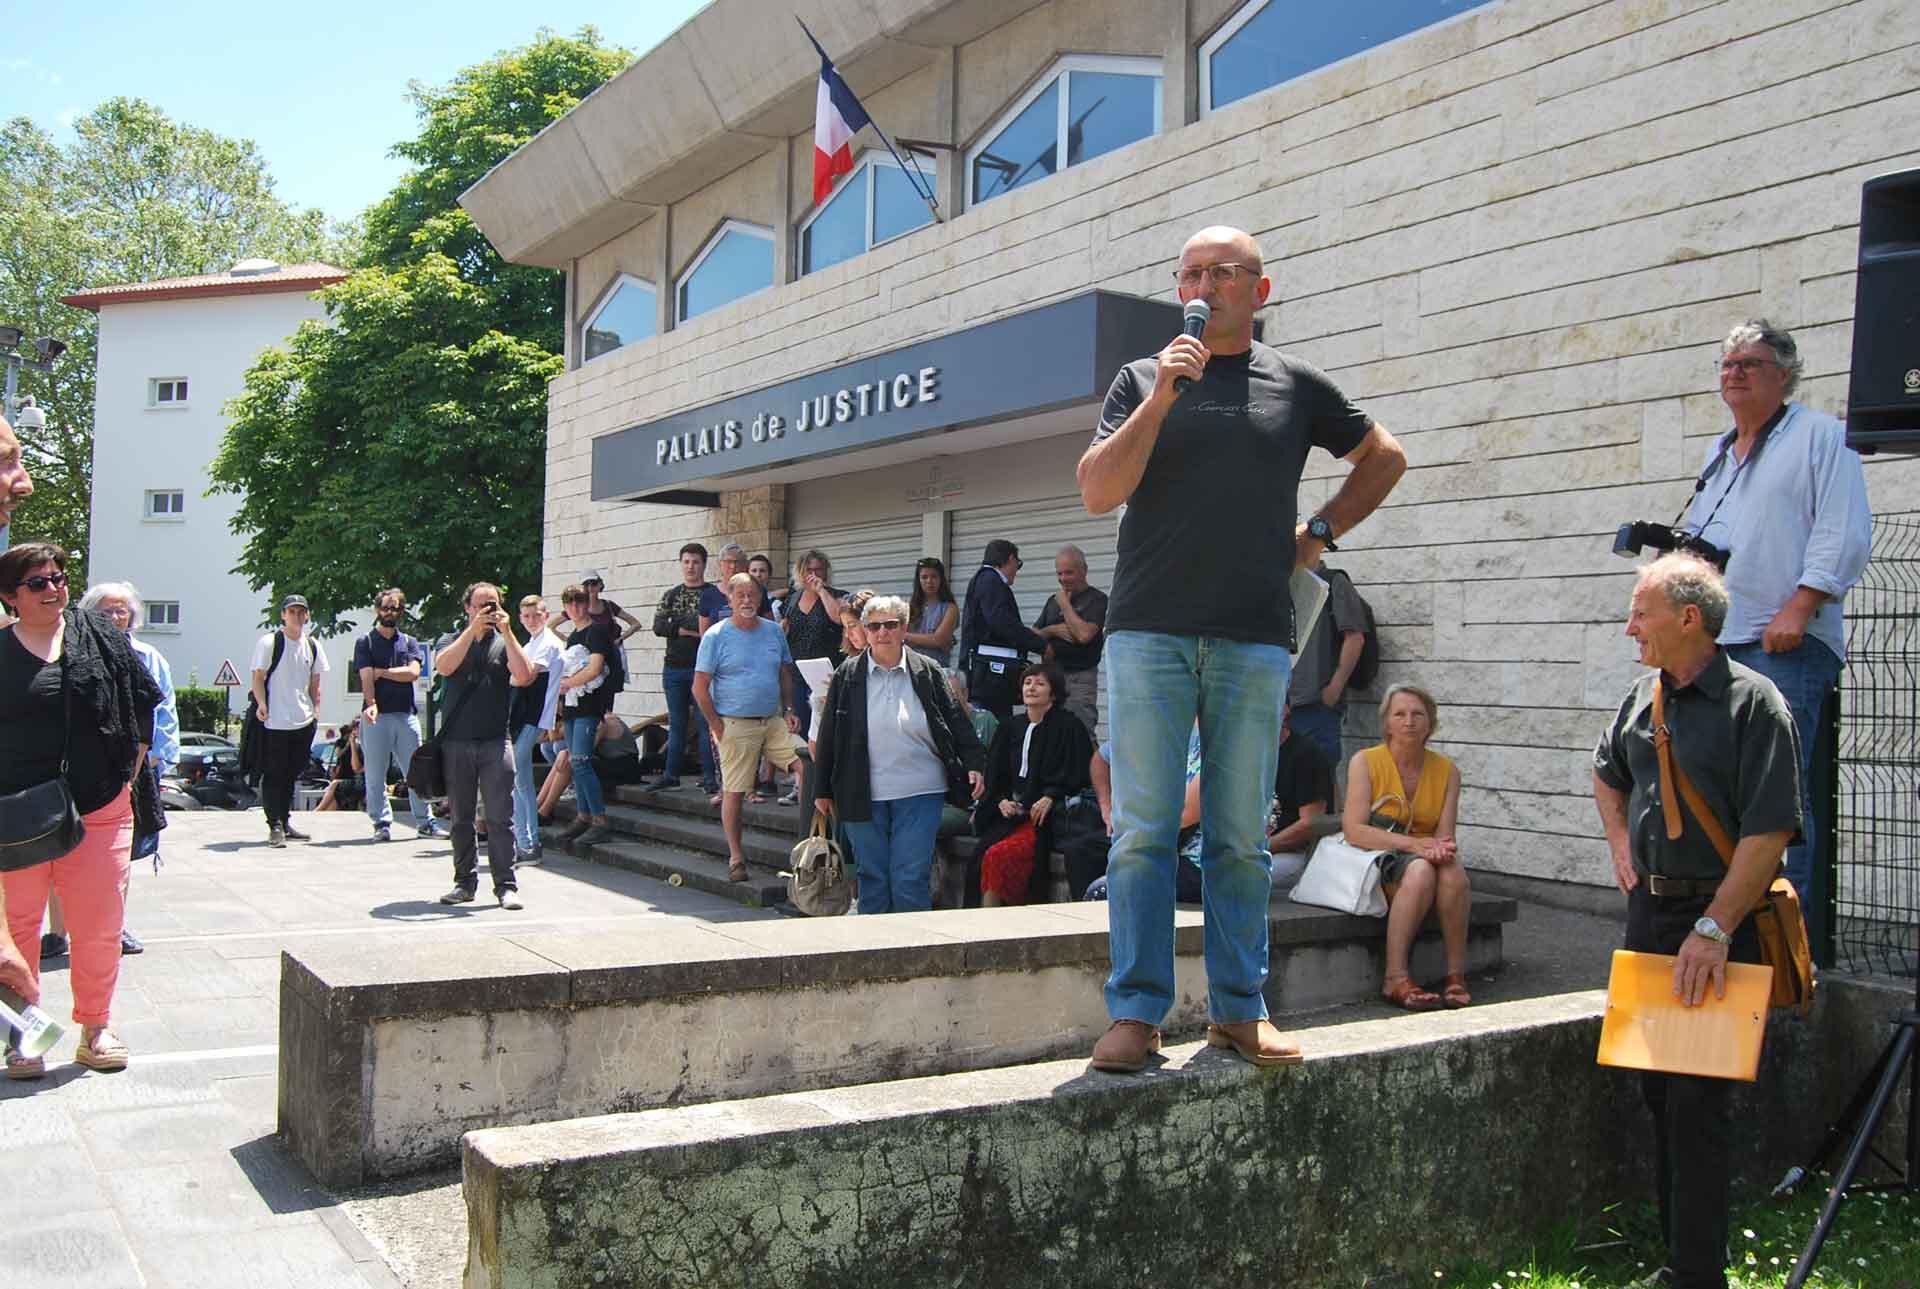 Les millitants contre l'élevage industriel des canards prennent la parole devant le Palais de Justice.